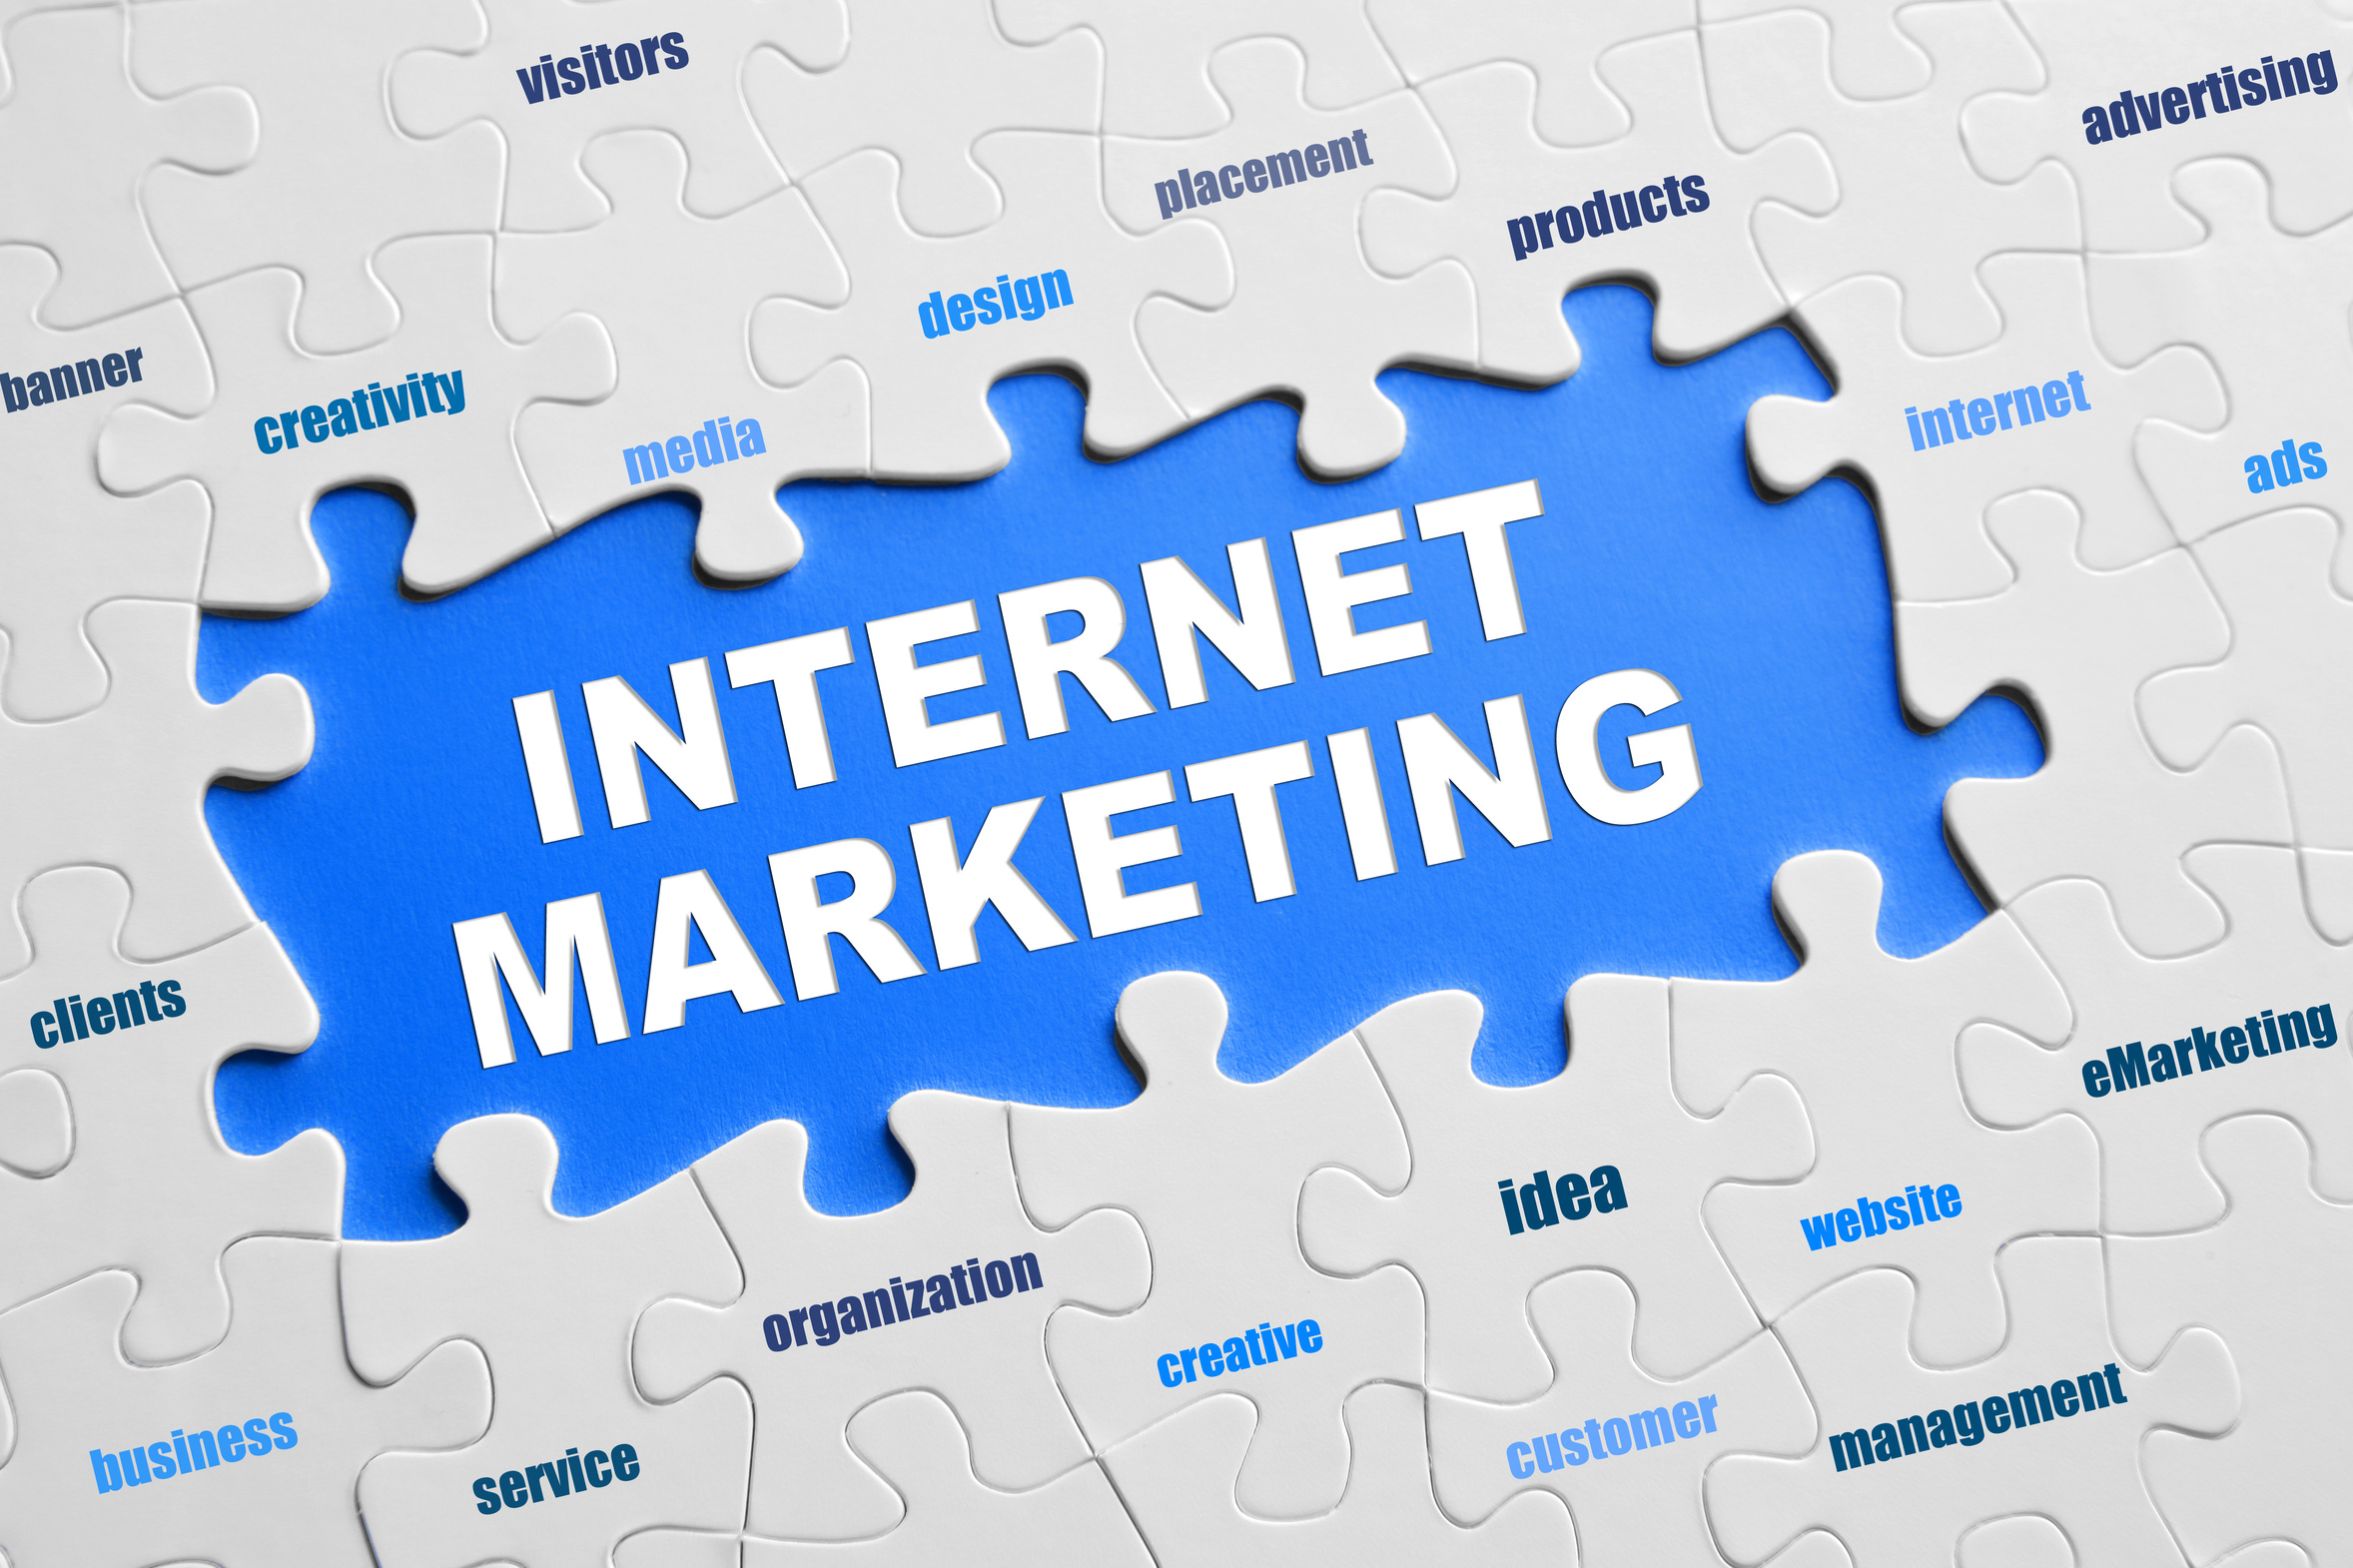 E-MARKETIN: MARKETING A TRAVES DE INTERNET